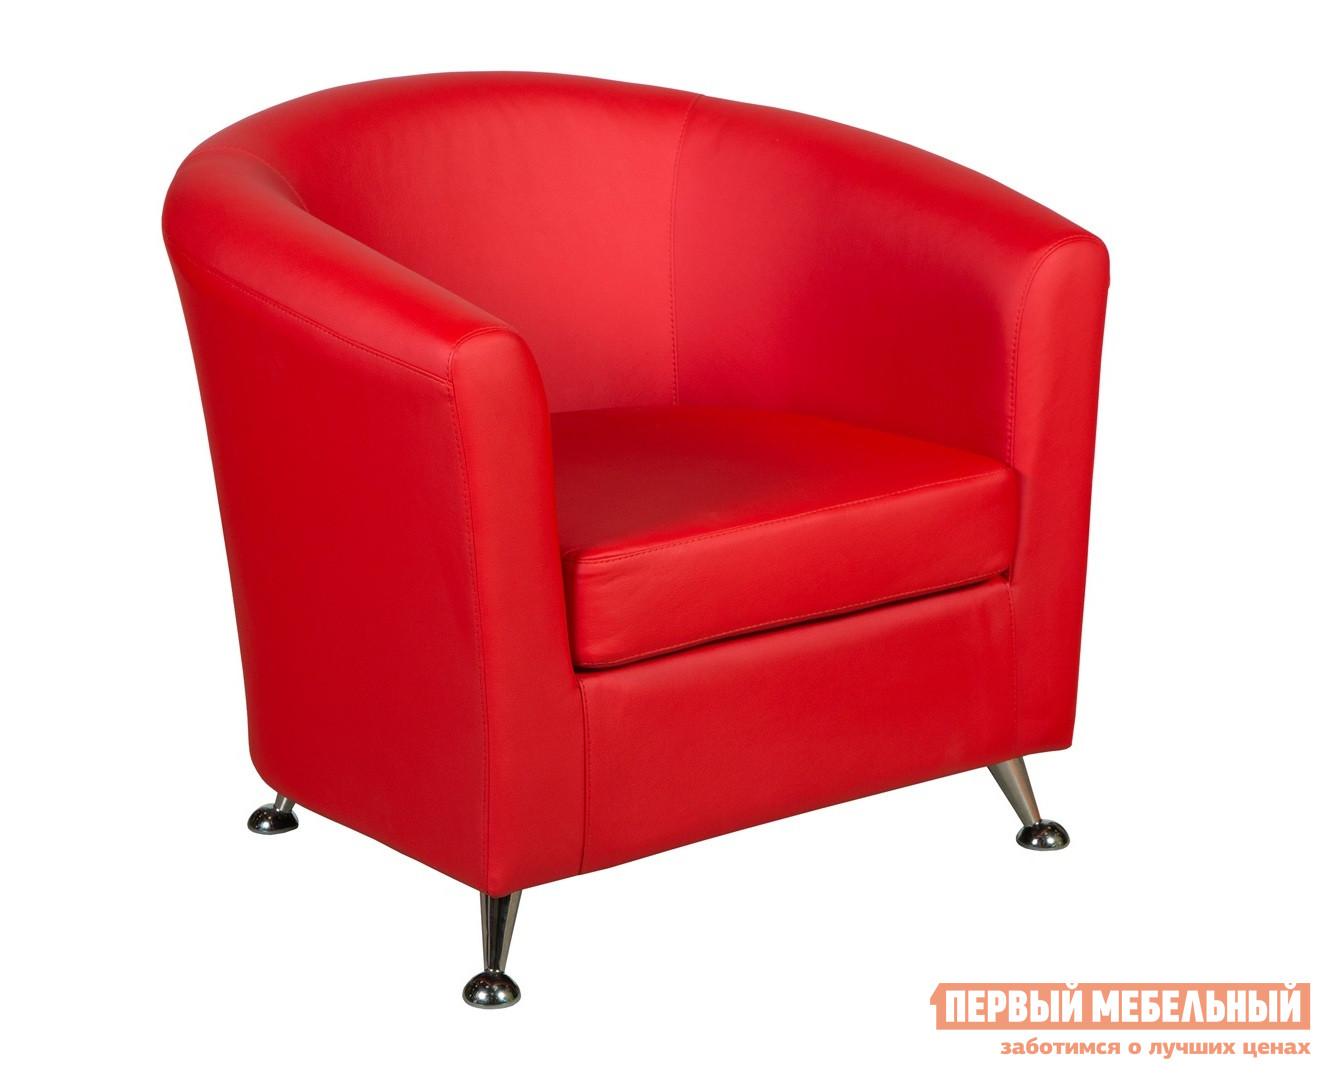 Кресло ПМ: СМК Марта Красный, экокожа